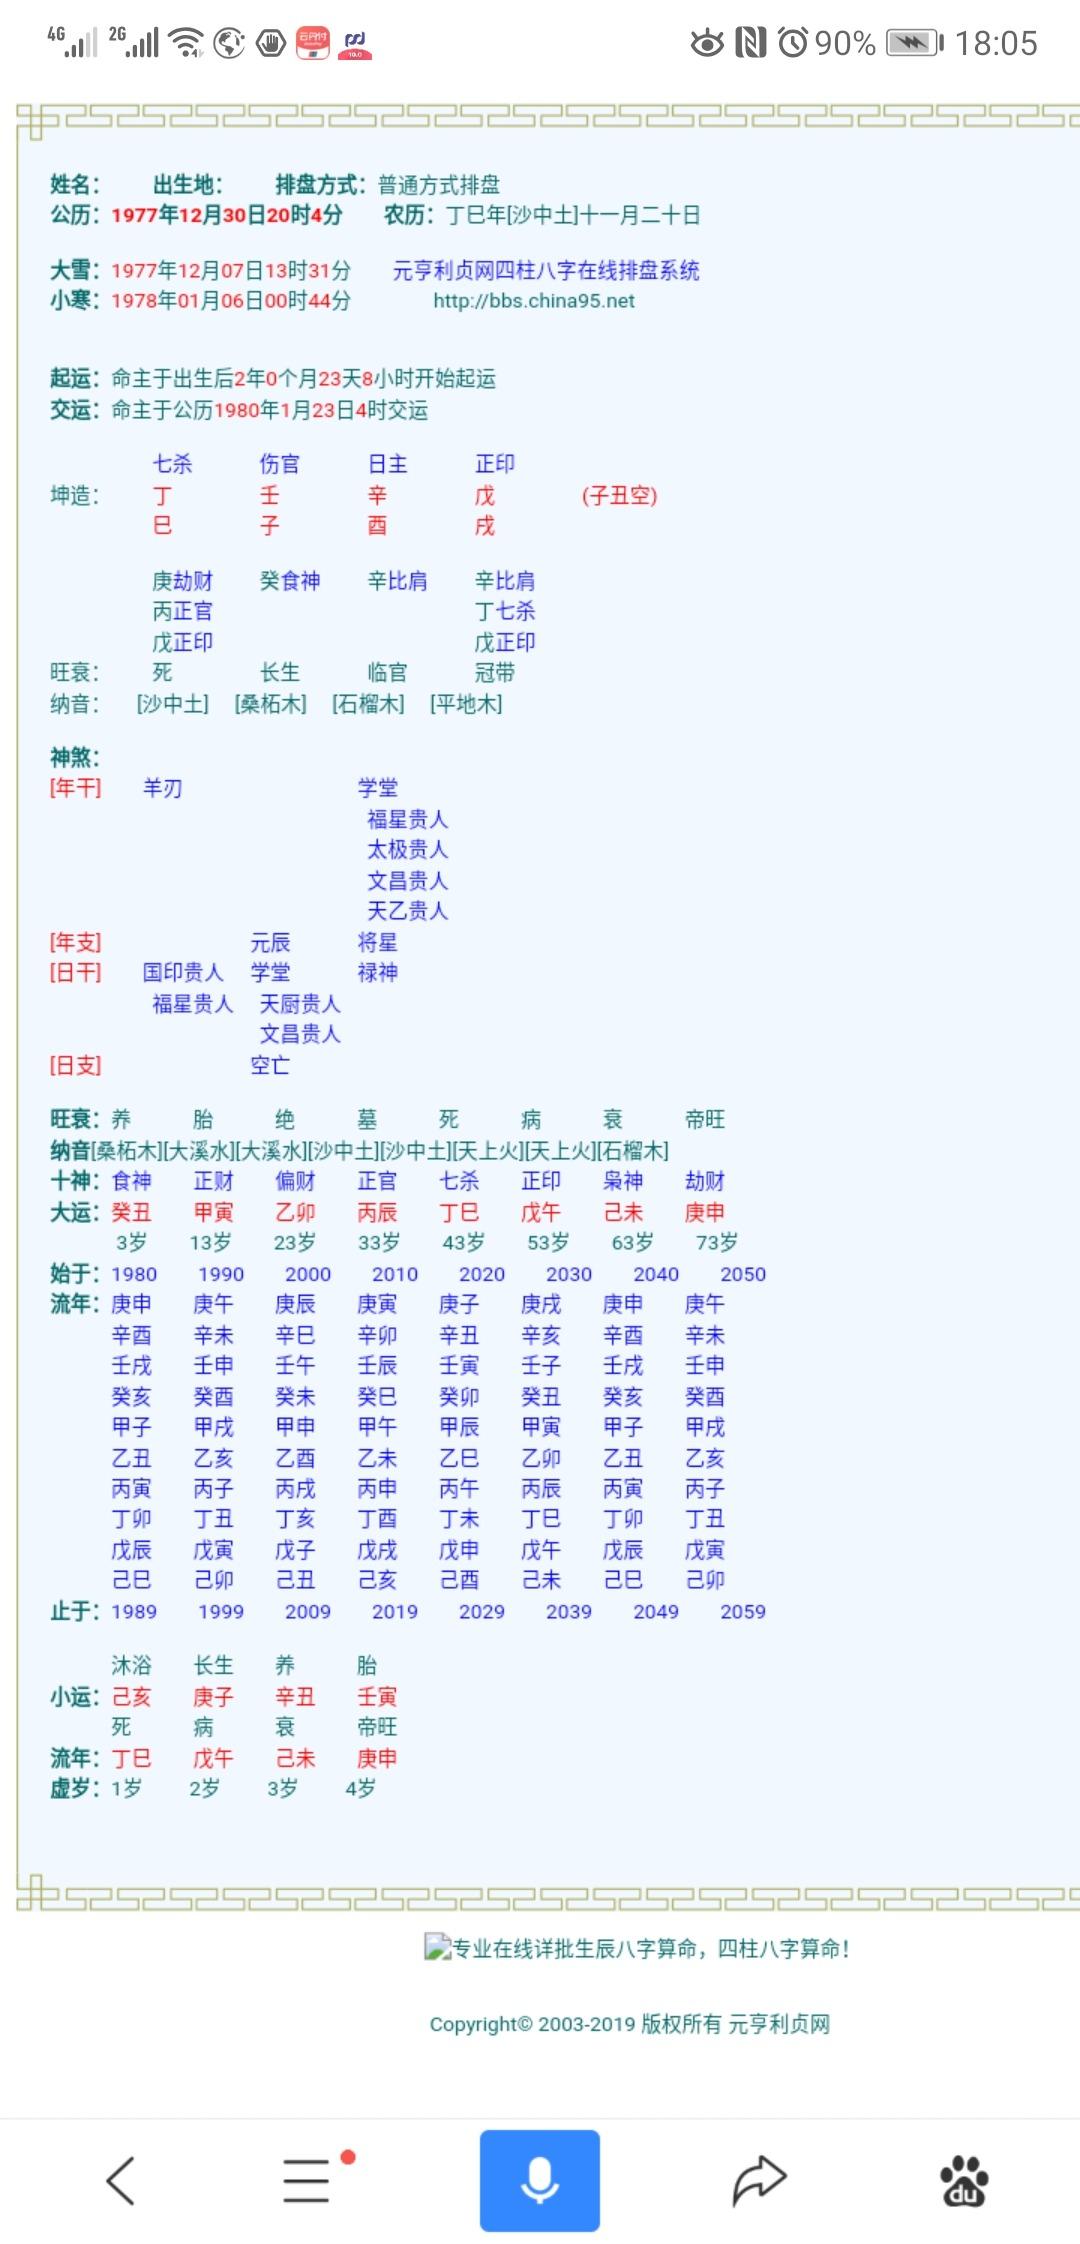 Screenshot_20190720_180543_com.baidu.searchbox.jpg